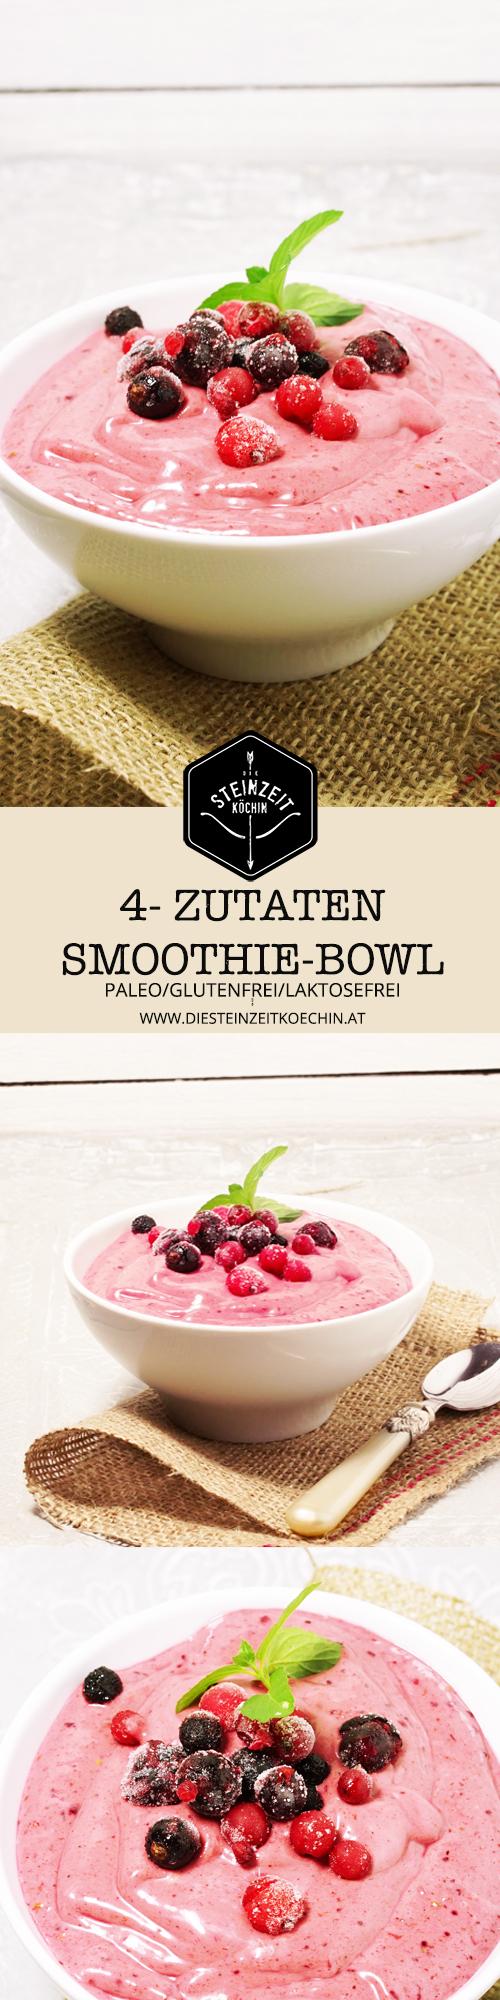 Smoothie Bowl mit Beeren, low carb, paleo, wenig kohlenhydrate, gesundes Frühstück, schlank, ideal zum Abnehmen, Frühstücksidee, wenige Zutaten, gesund ernähren, schnell zubereitet, zuckerfrei,